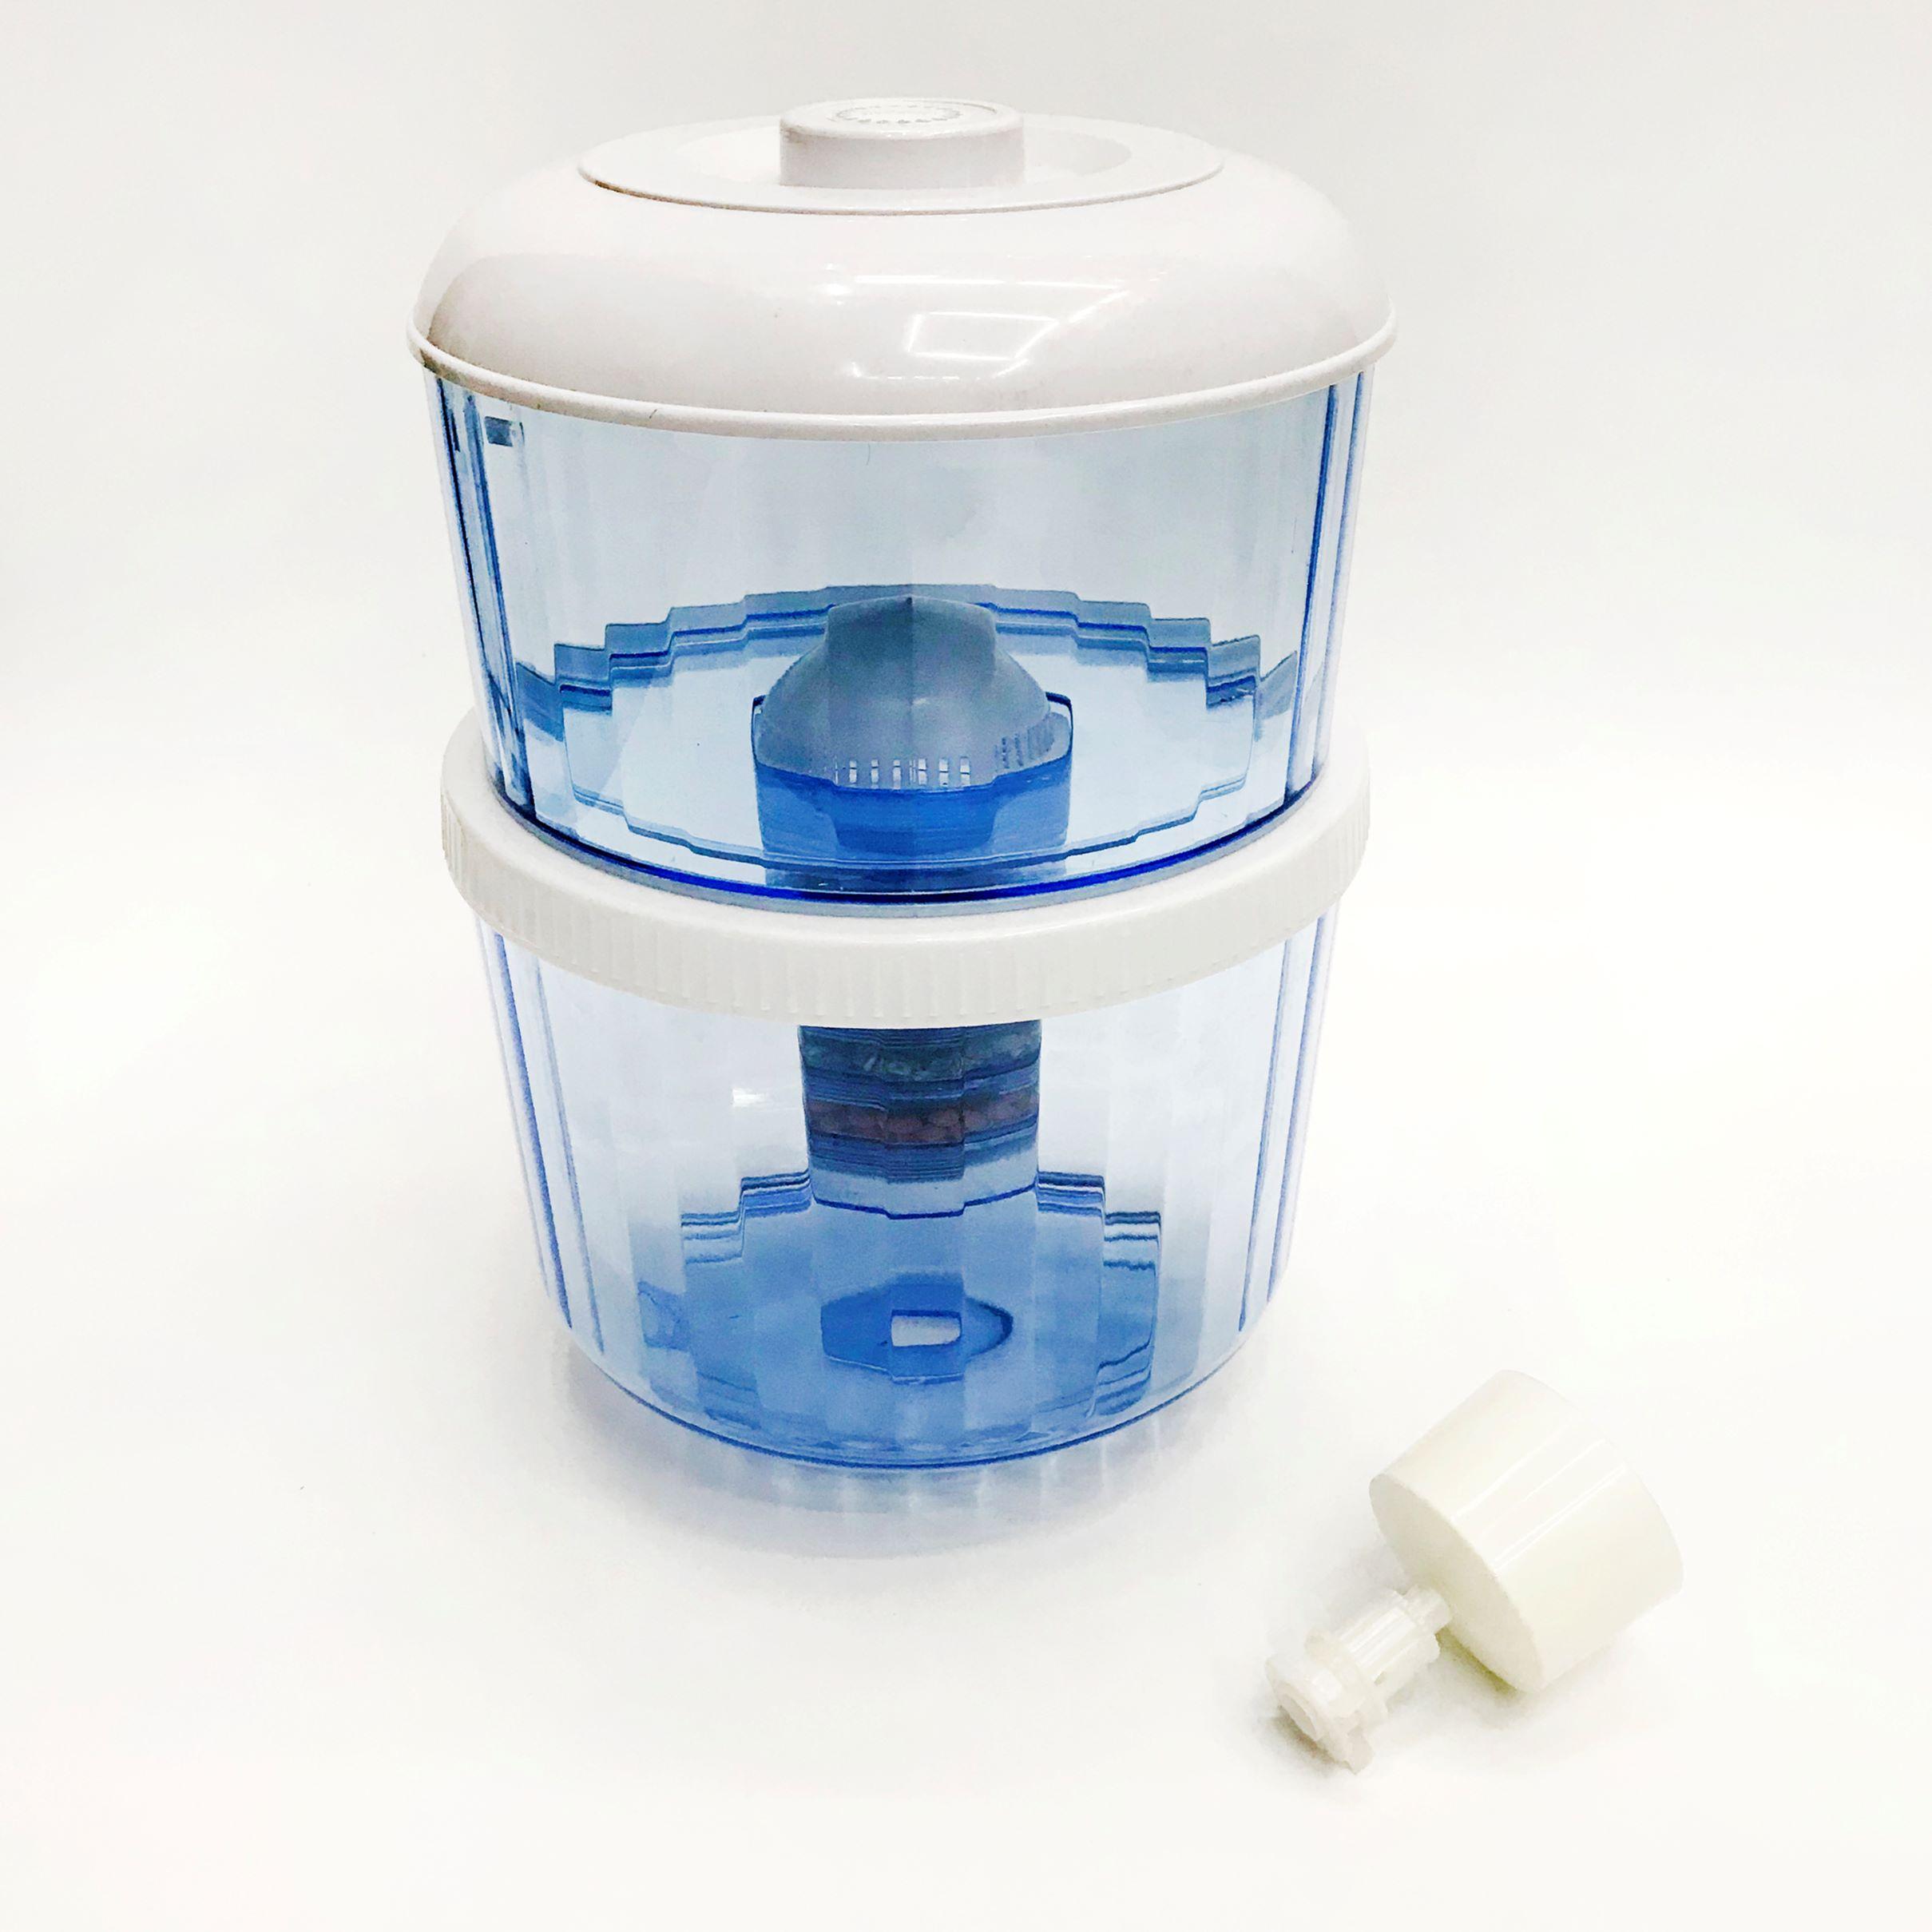 饮水机净水器过滤桶自来水矿化桶家用净水器直饮厨房水桶上置